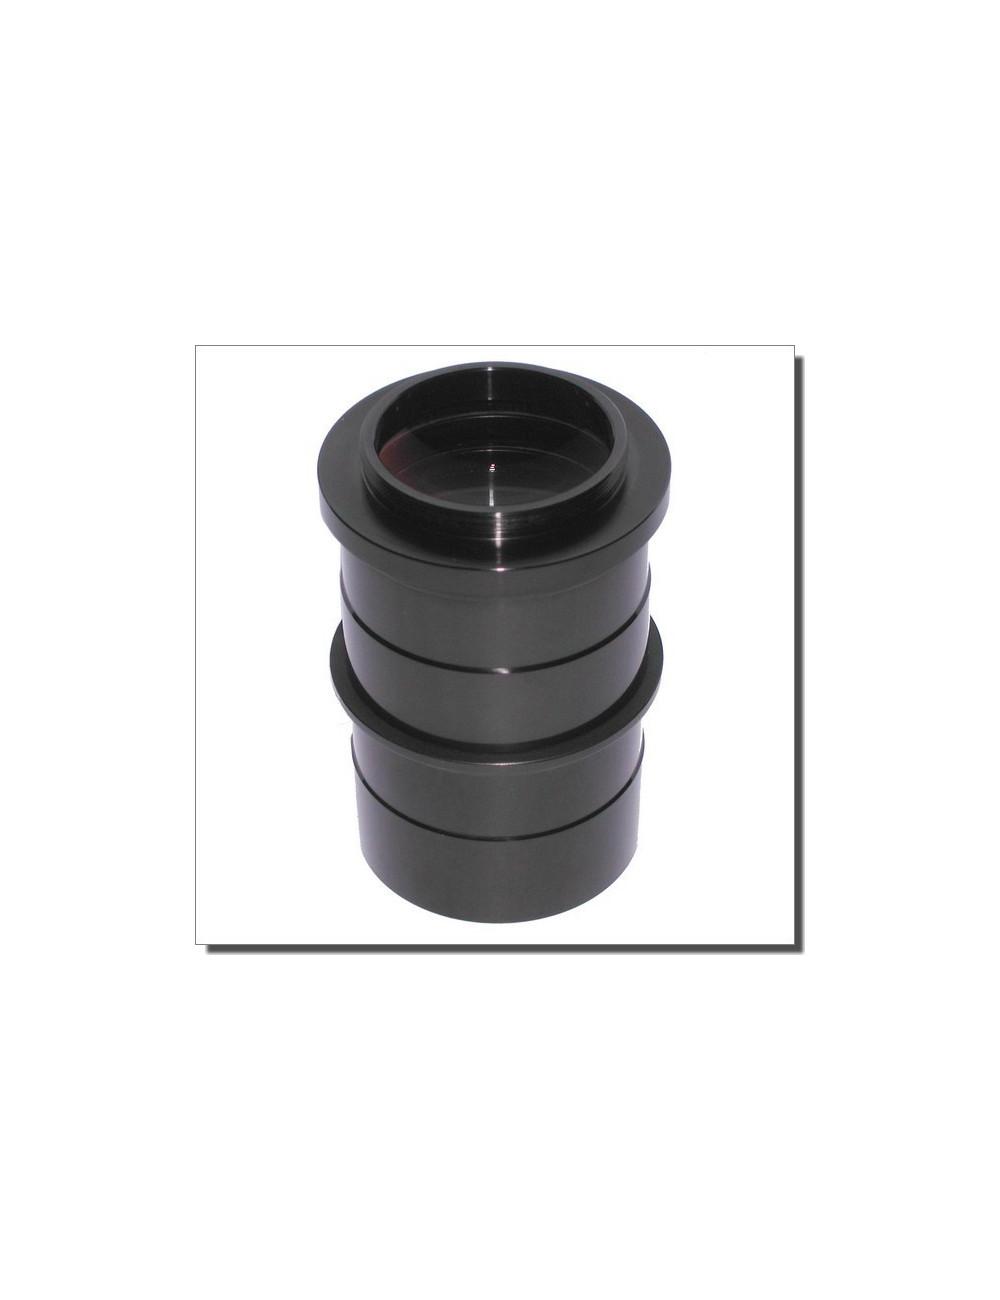 Correcteur-réducteur 0.8x pour PERL ED 80